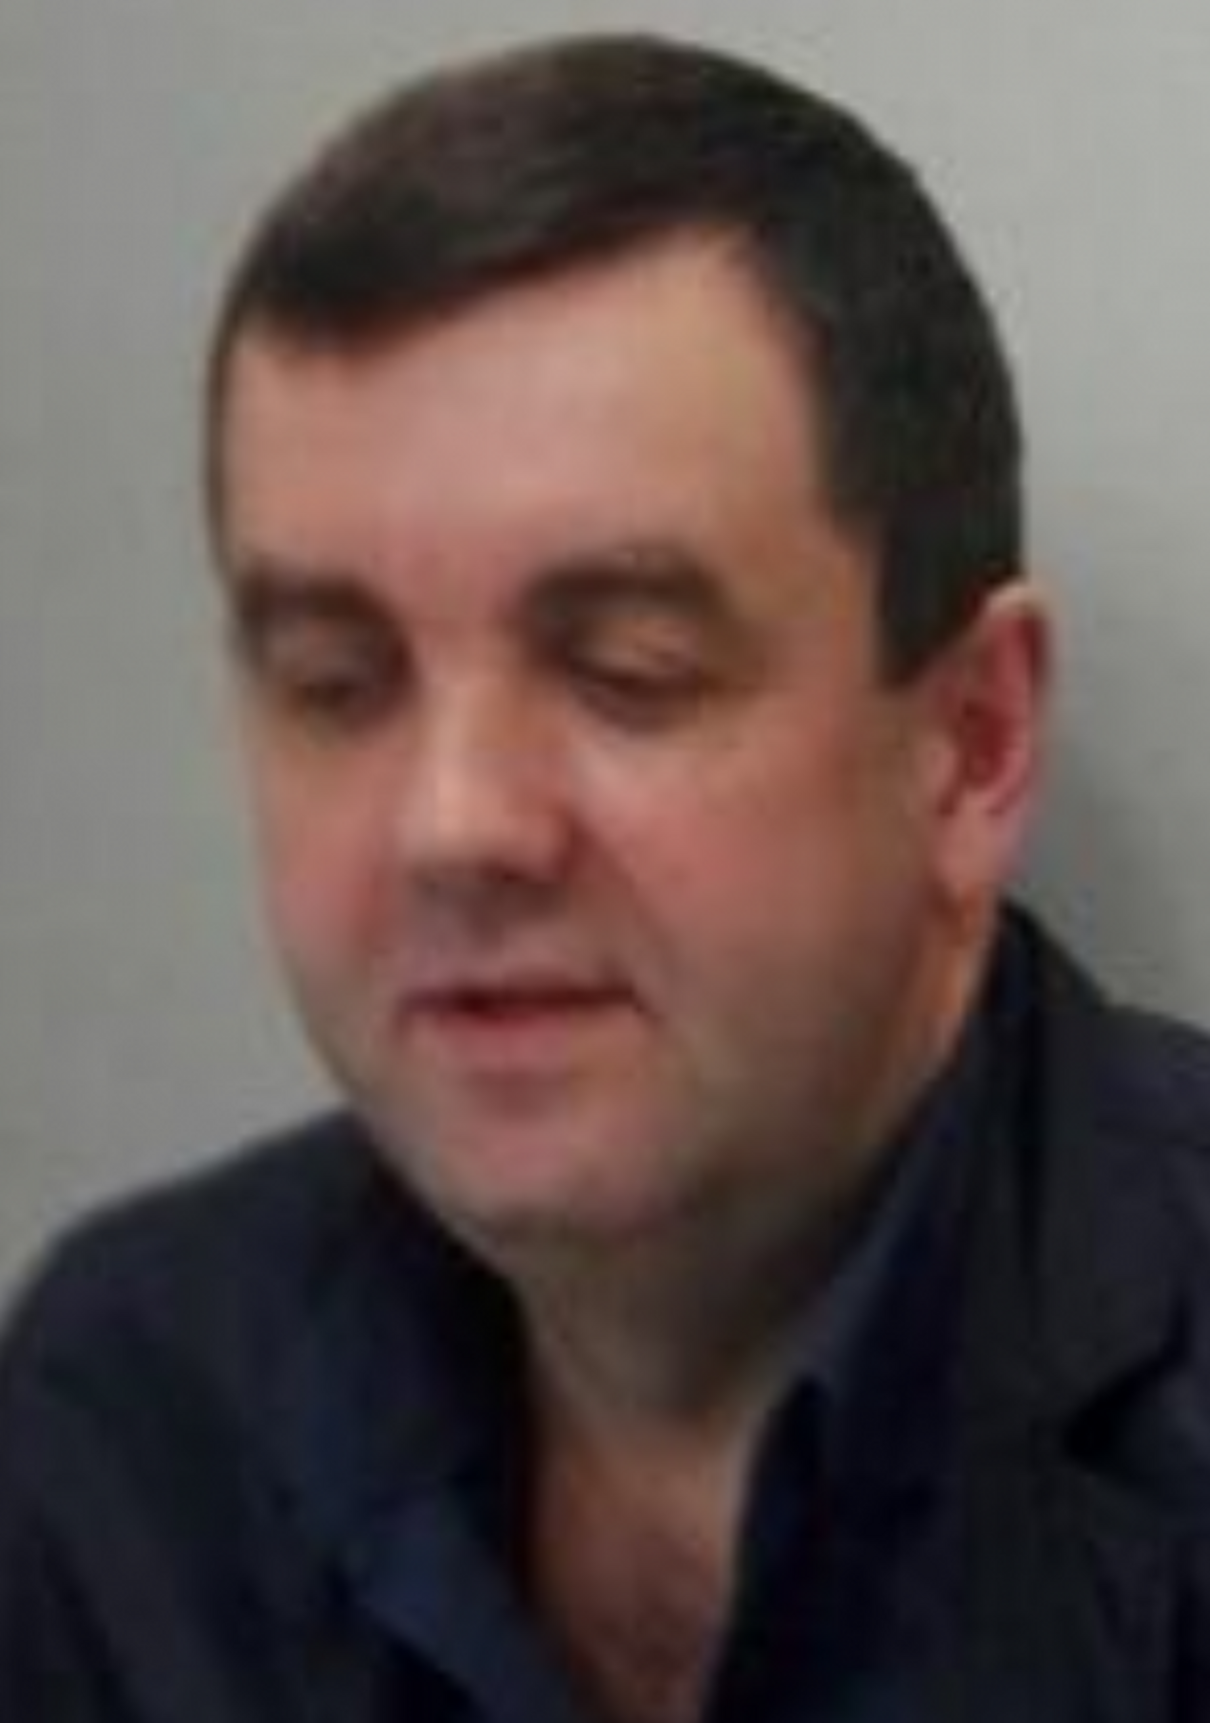 Жалоба-отзыв: Кохан Михаил Михайлович - Не выплатил зарплату, не выходит на связь